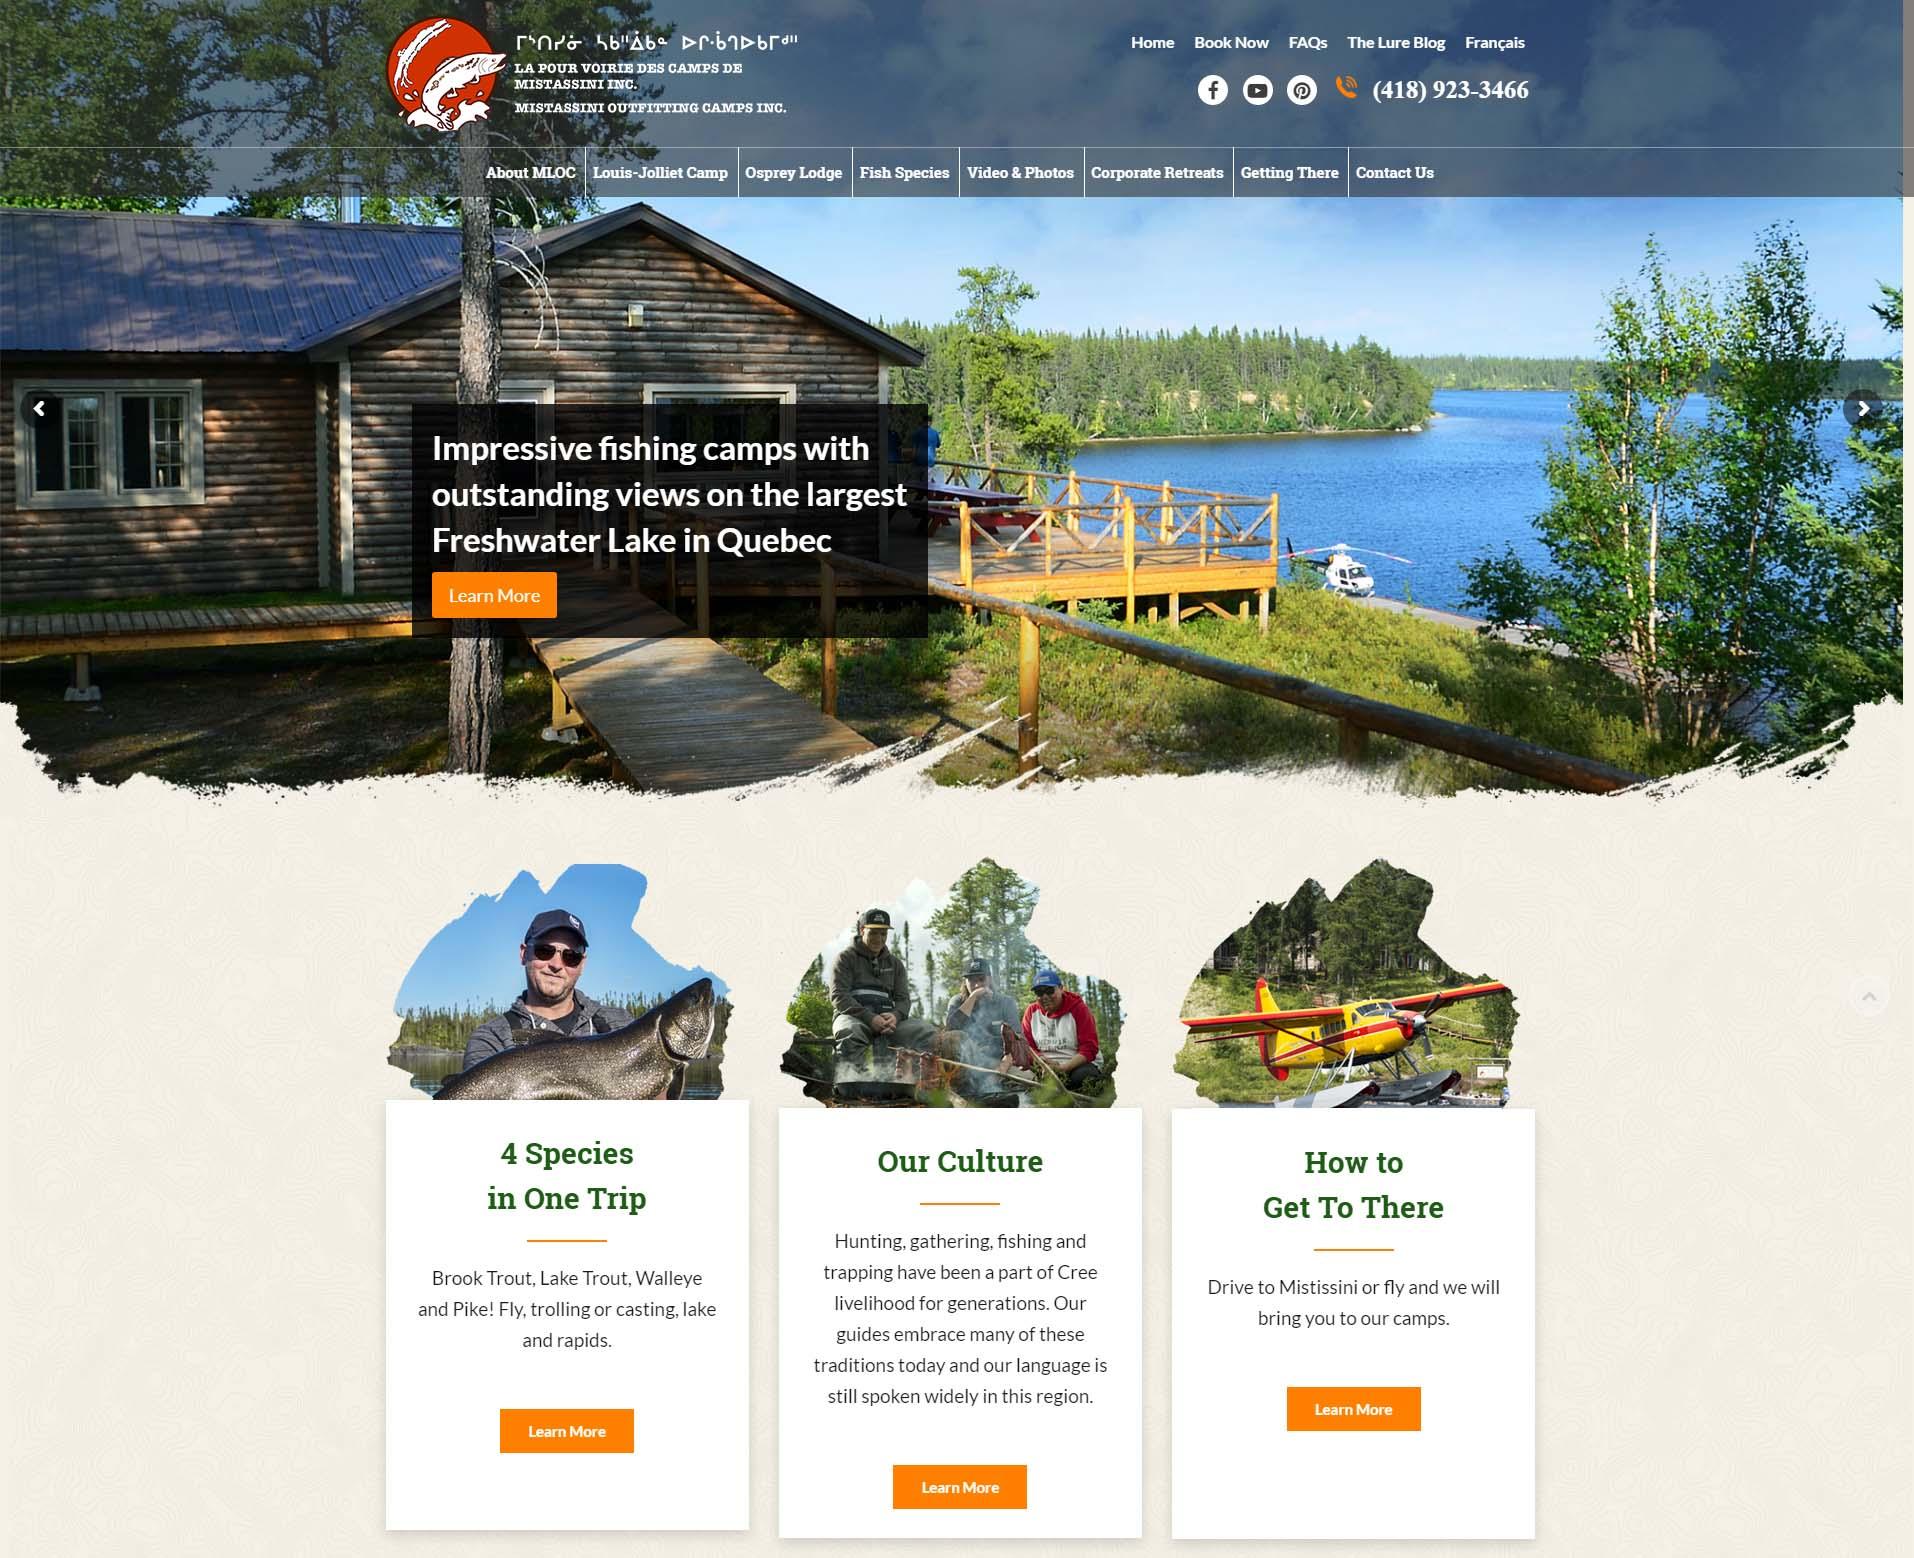 Excellente Saison 2017 Dans Les Livres Pour Les Pourvoiries Du Lac Mistassini Inc., La Saison 2018 Est Lancée Avec Un Nouveau Site Web.